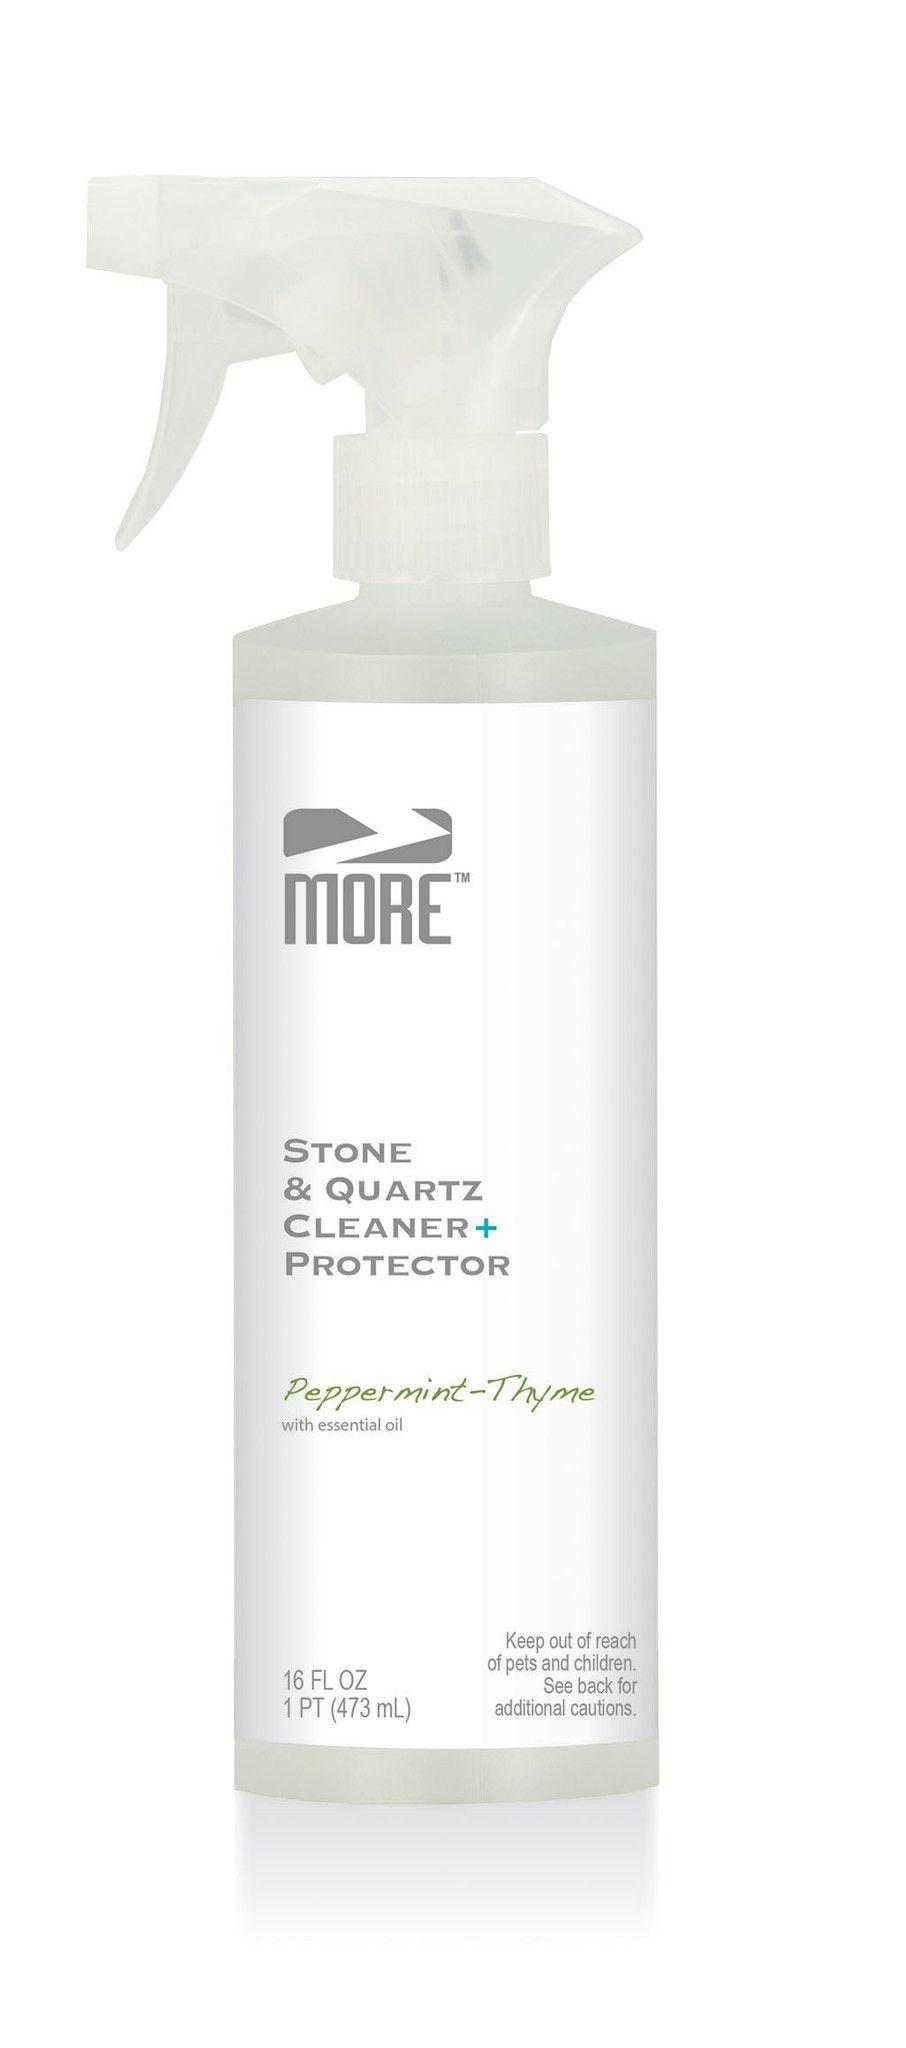 MORE™ Stone & Quartz Cleaner + Protector Quartz cleaner